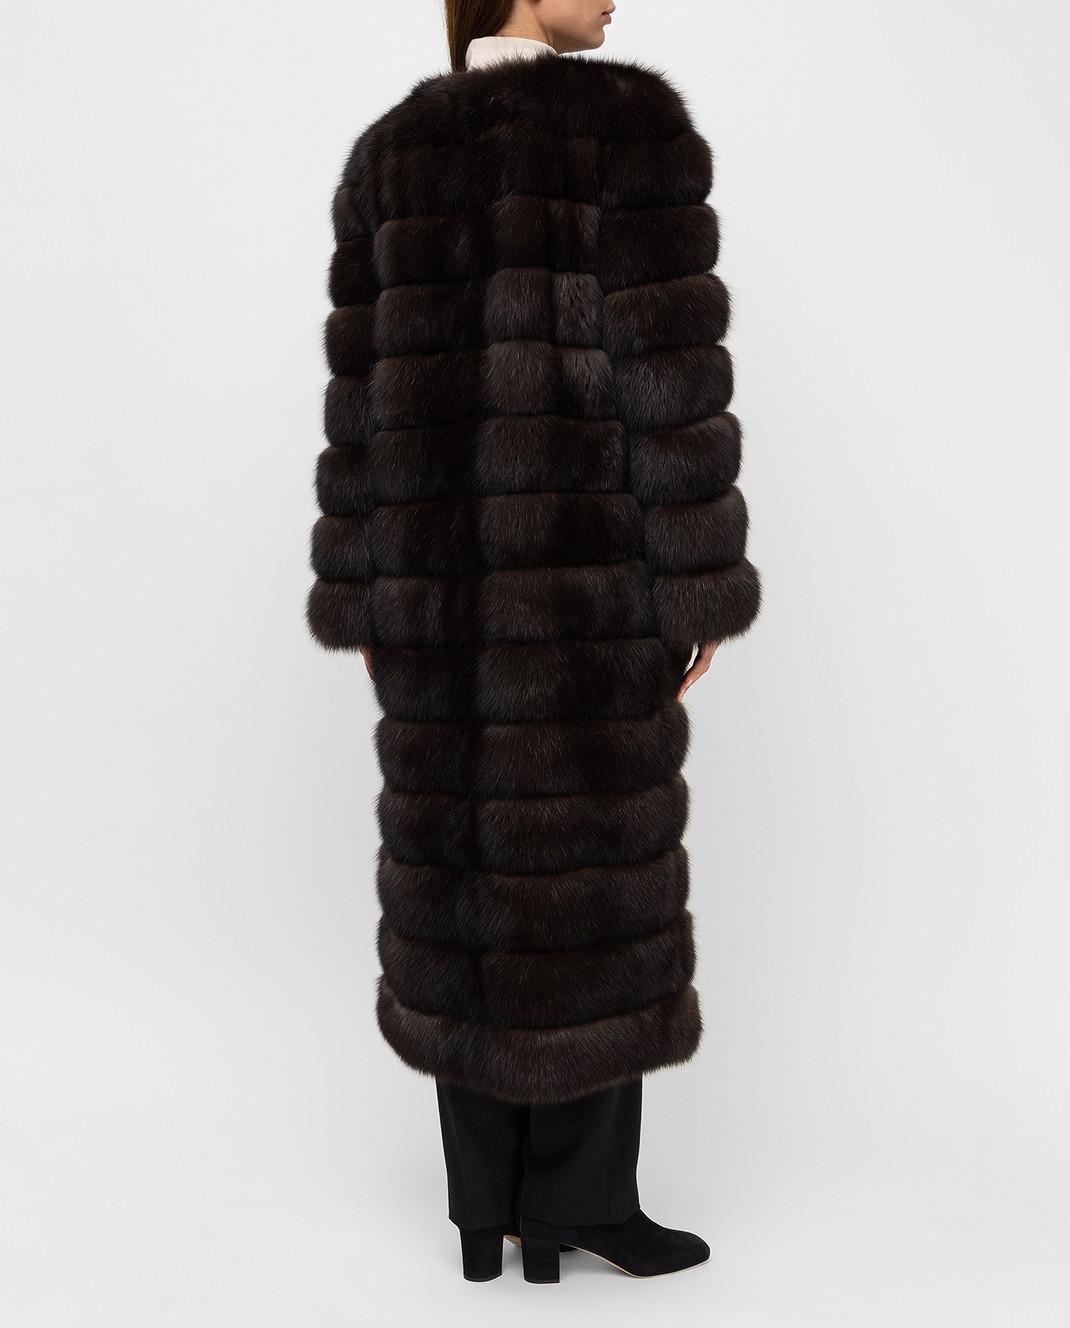 Real Furs House Темно-коричневая шуба из соболя SBR596DARKSILV1 изображение 4